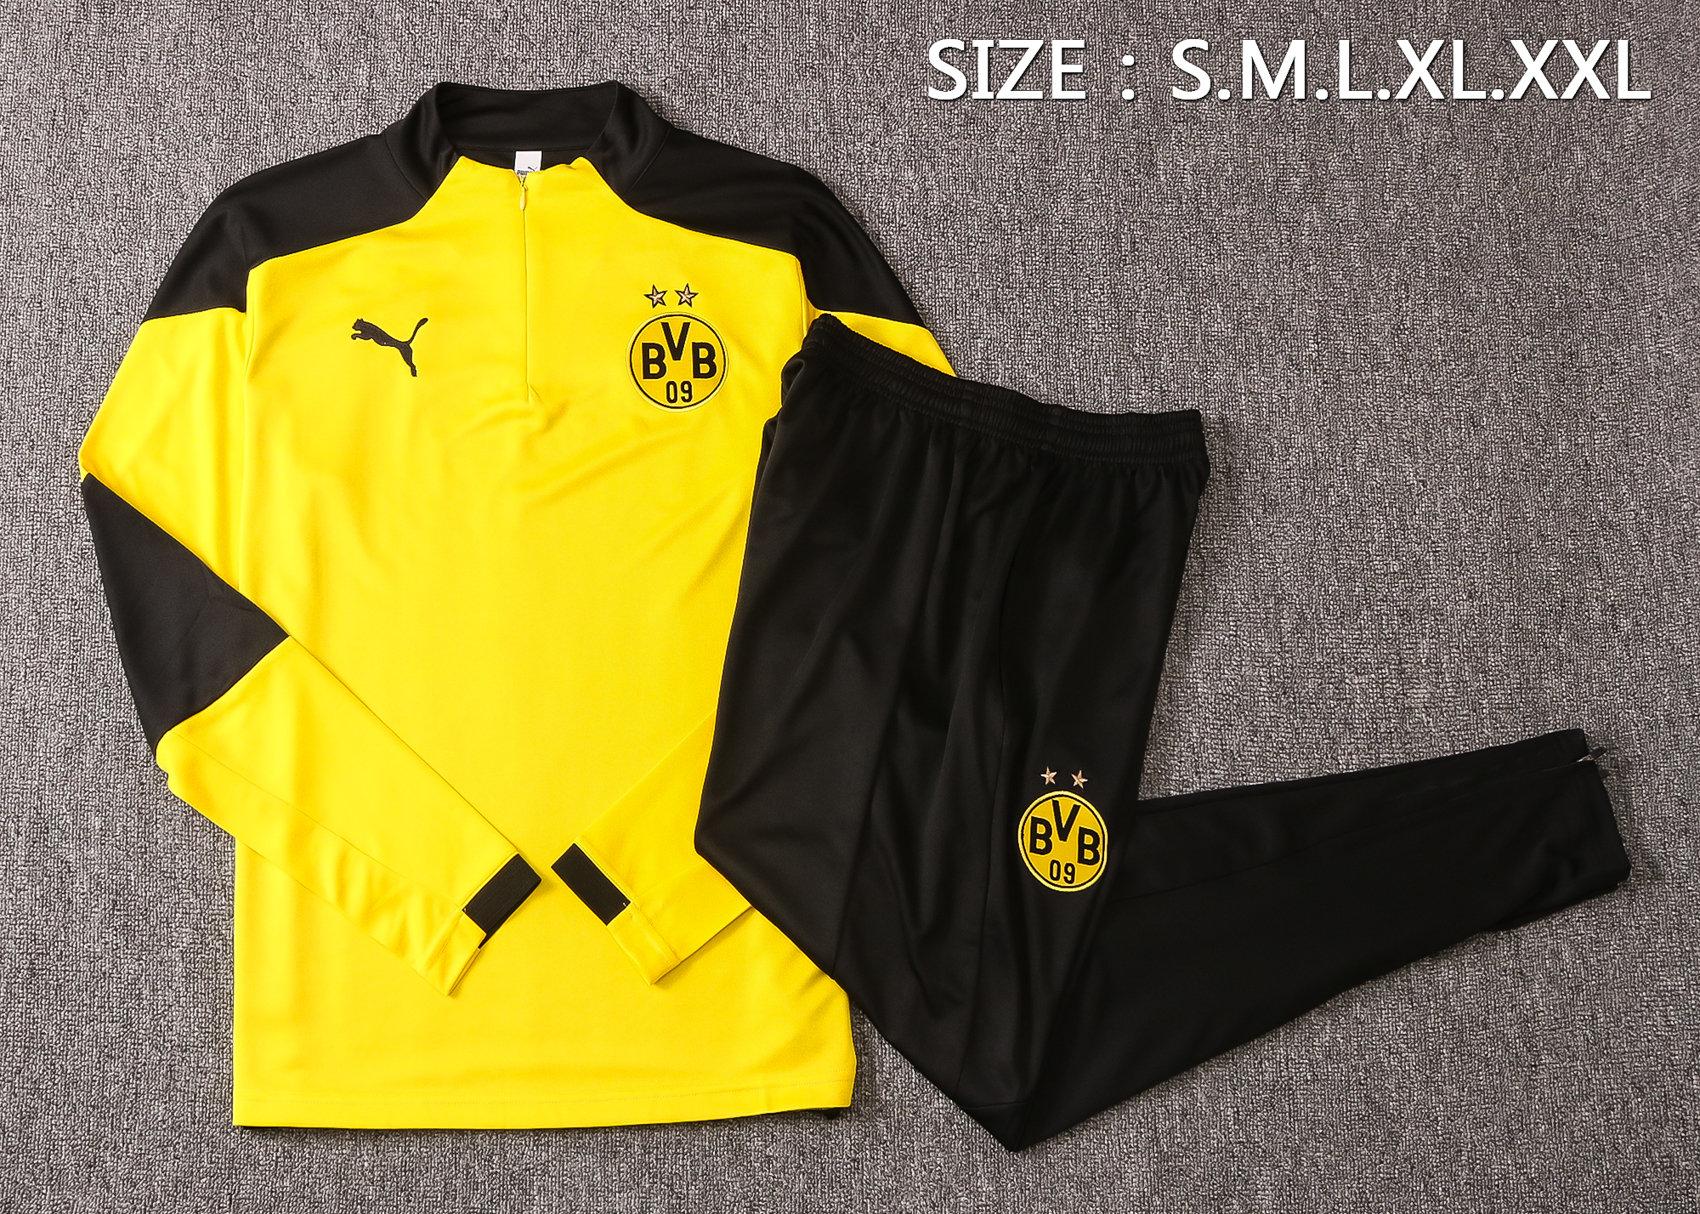 Tuta Allenamento Lunga Borussia Dortmund 20/21 | Calcio store